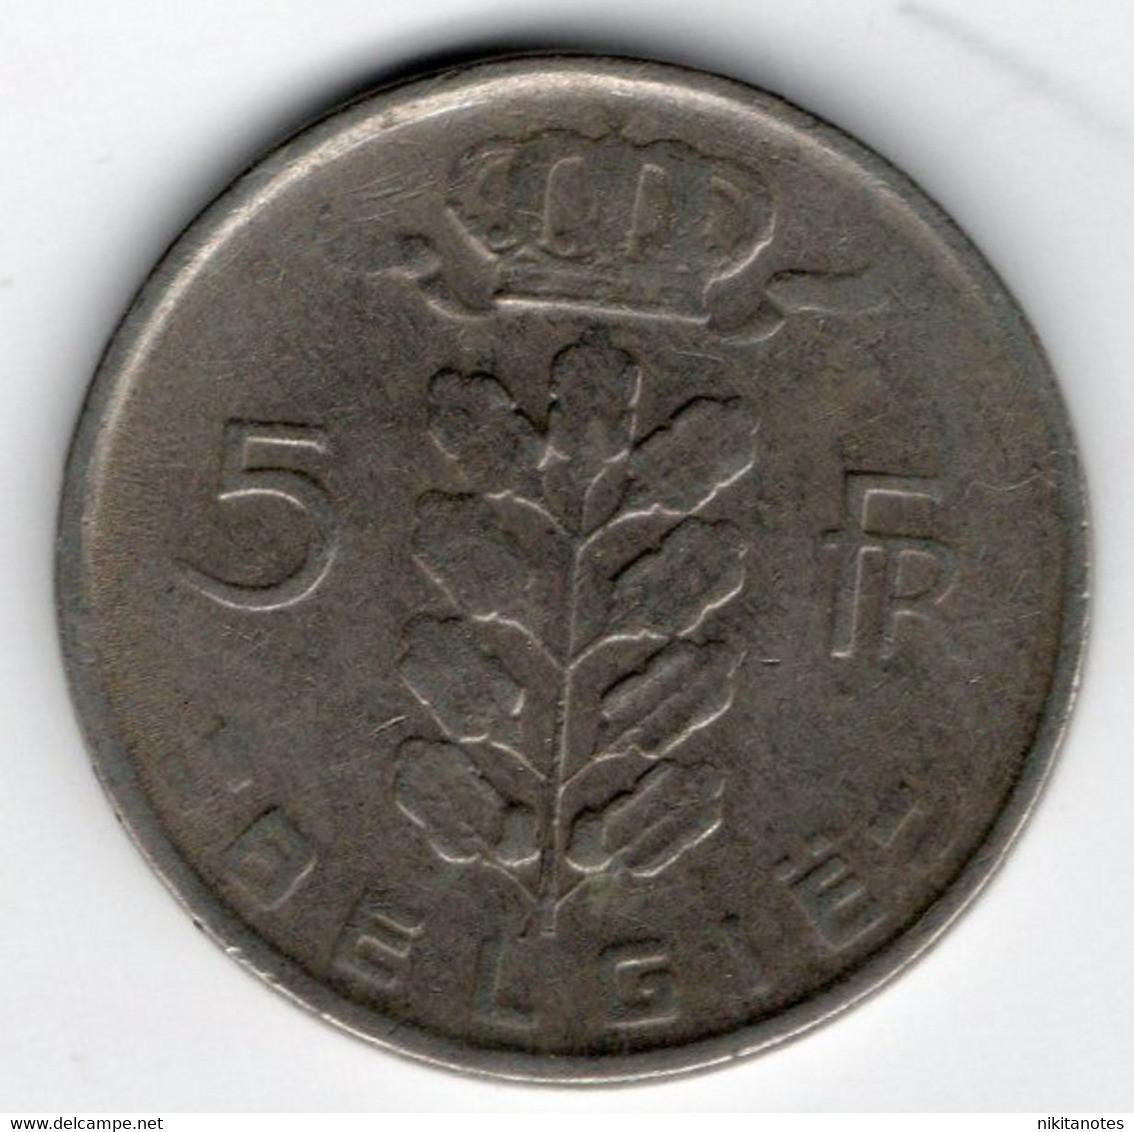 *St. PIERRE & MIQUELON - 5 FRANCS 1950/60 UNC - P 22 - Banknotes